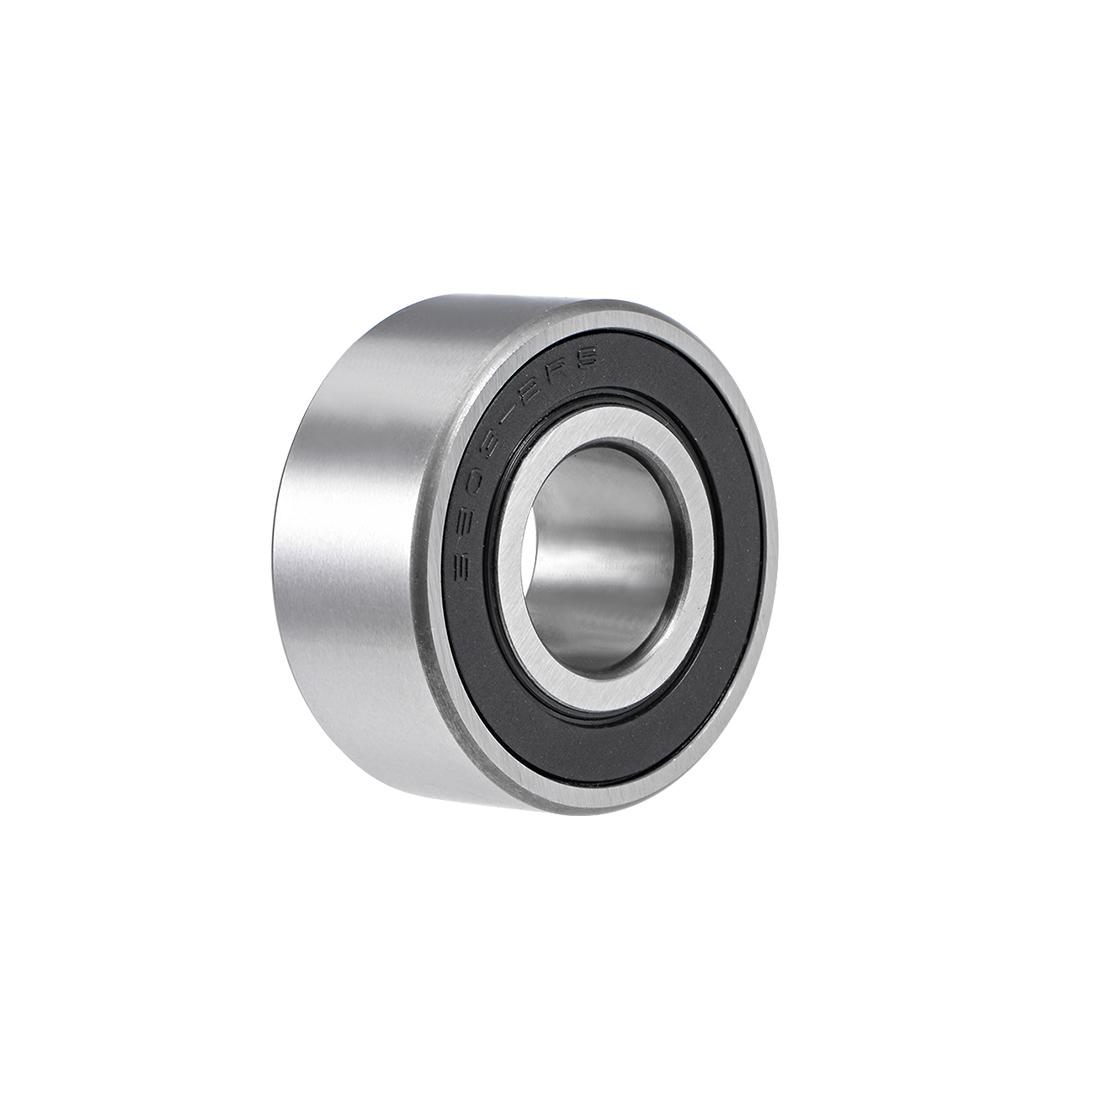 3203-2RS Angular Contact Ball Bearing 17x40x17.5mm Sealed Bearings 5203-2RS